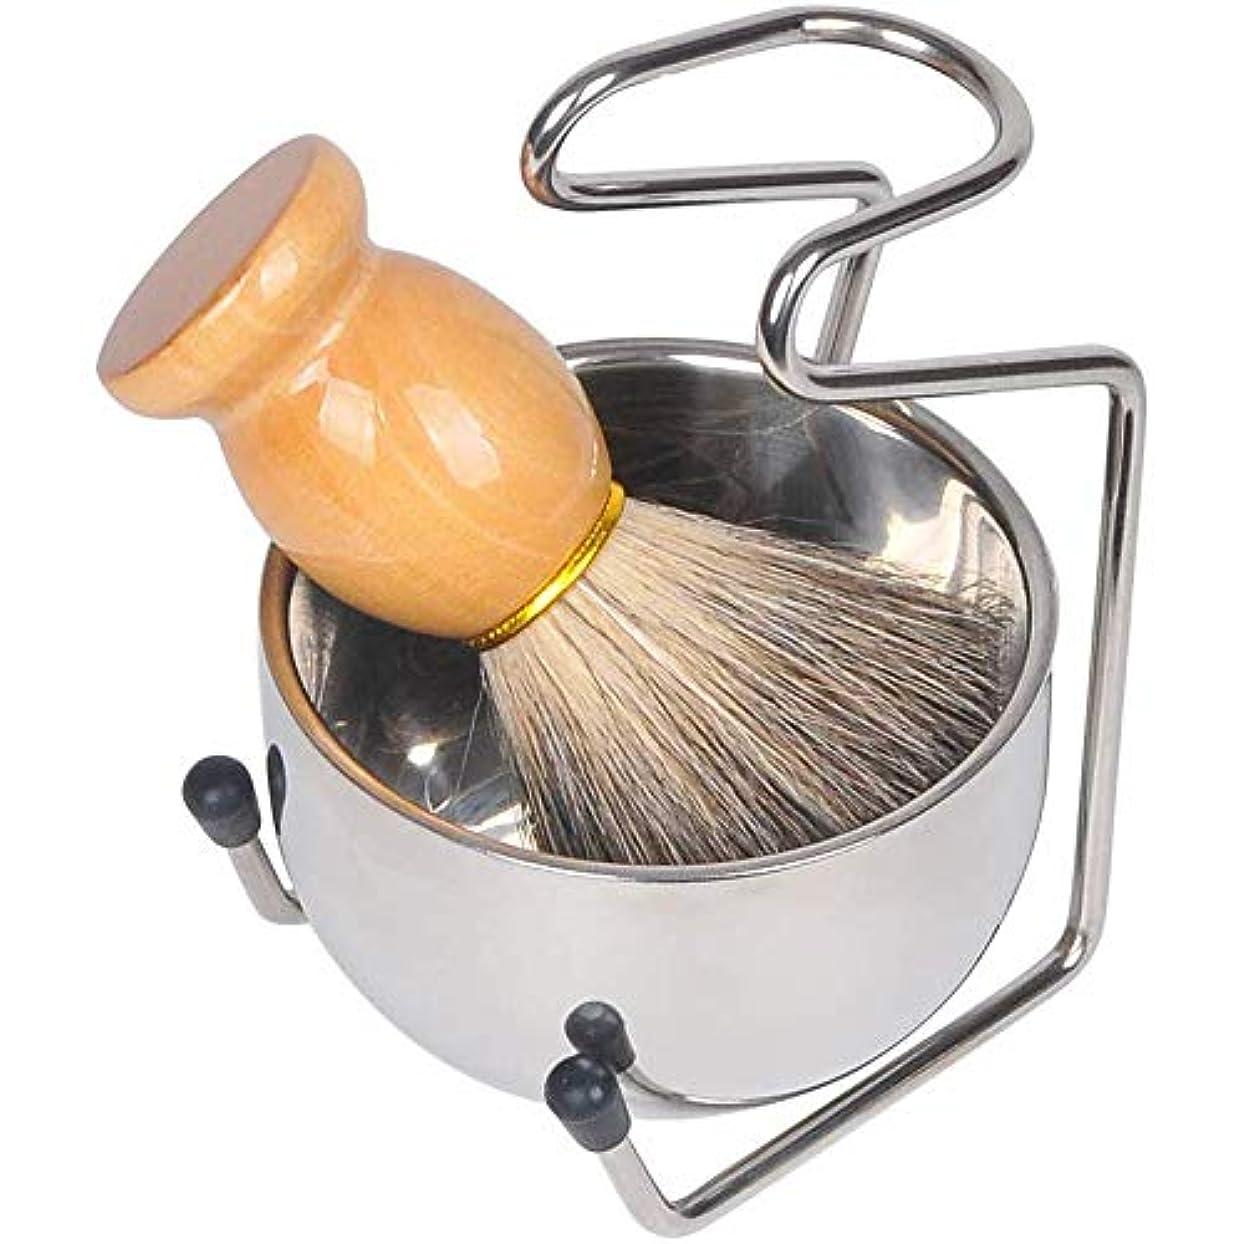 耐えられるシャトル耐える3点セット ひげブラシ シェービング石鹸ボウルシェービングブラシセット洗顔ブラシ メンズ 理容 髭剃り 泡立ち毛